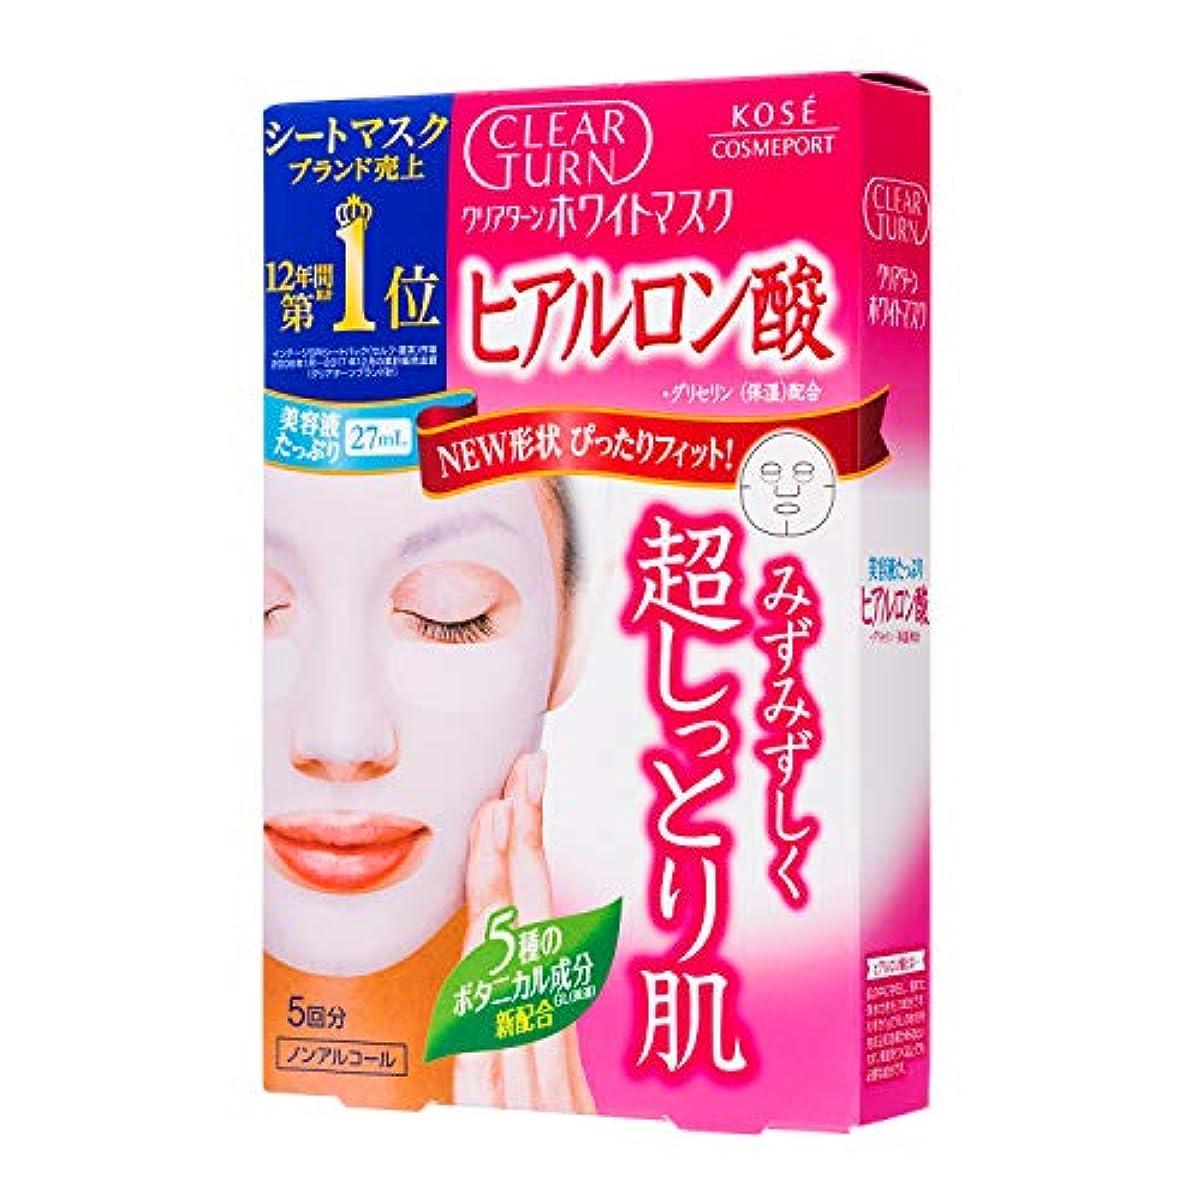 反発する運命にぎやかKOSE クリアターン ホワイト マスク HA d (ヒアルロン酸) 5回分 (22mL×5)